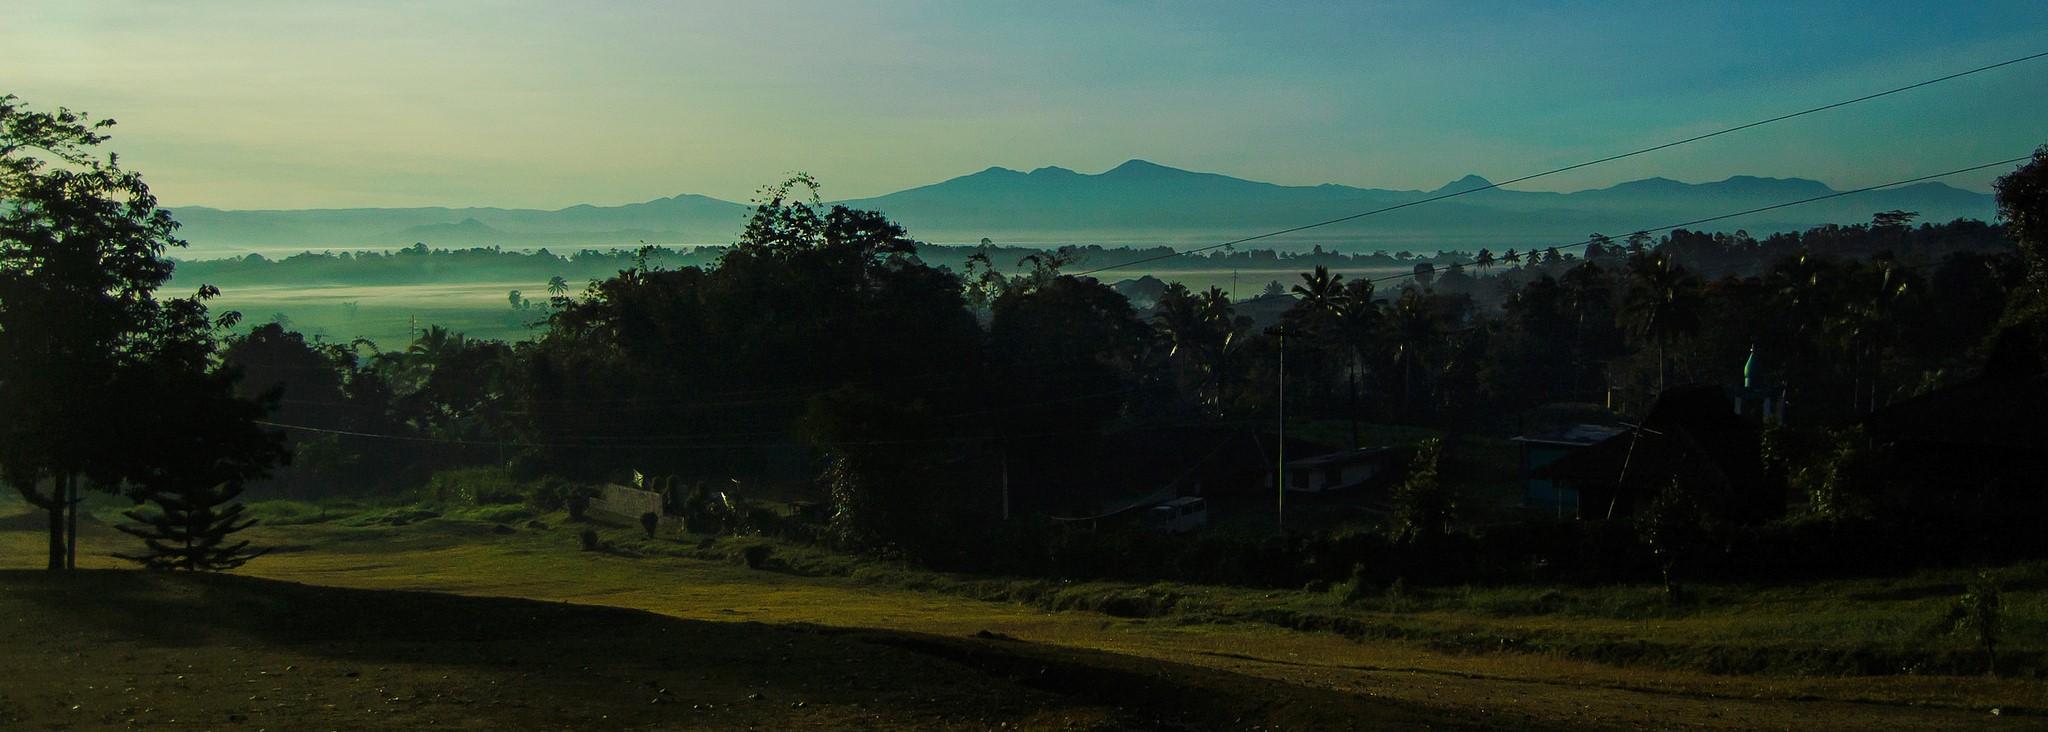 Lanao del Sur, Mindanao (Photo: Flickr/Chrisgel Ryan Cruz)